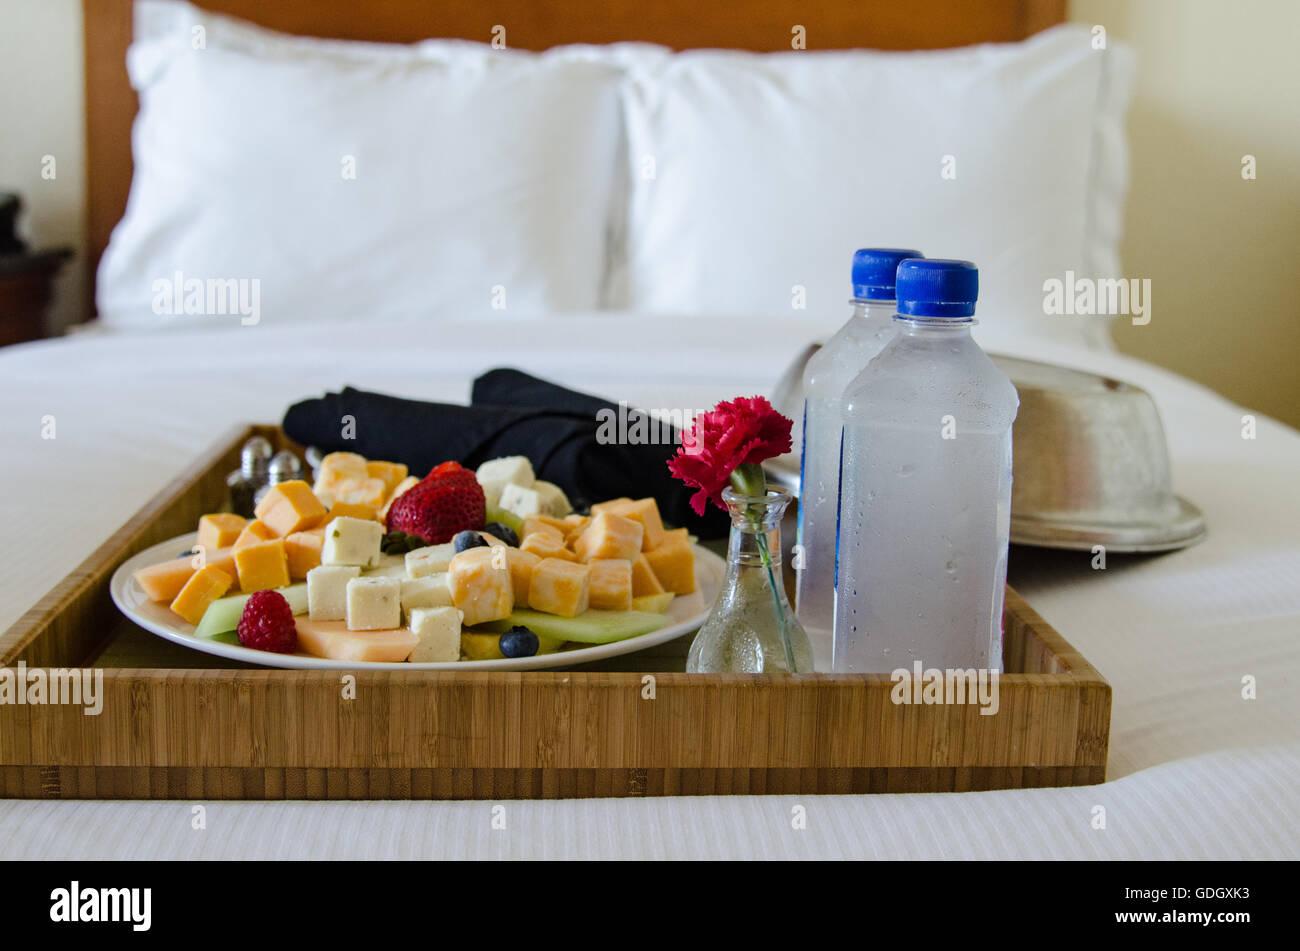 Hotel Room Service Tray Stock Photos  Hotel Room Service